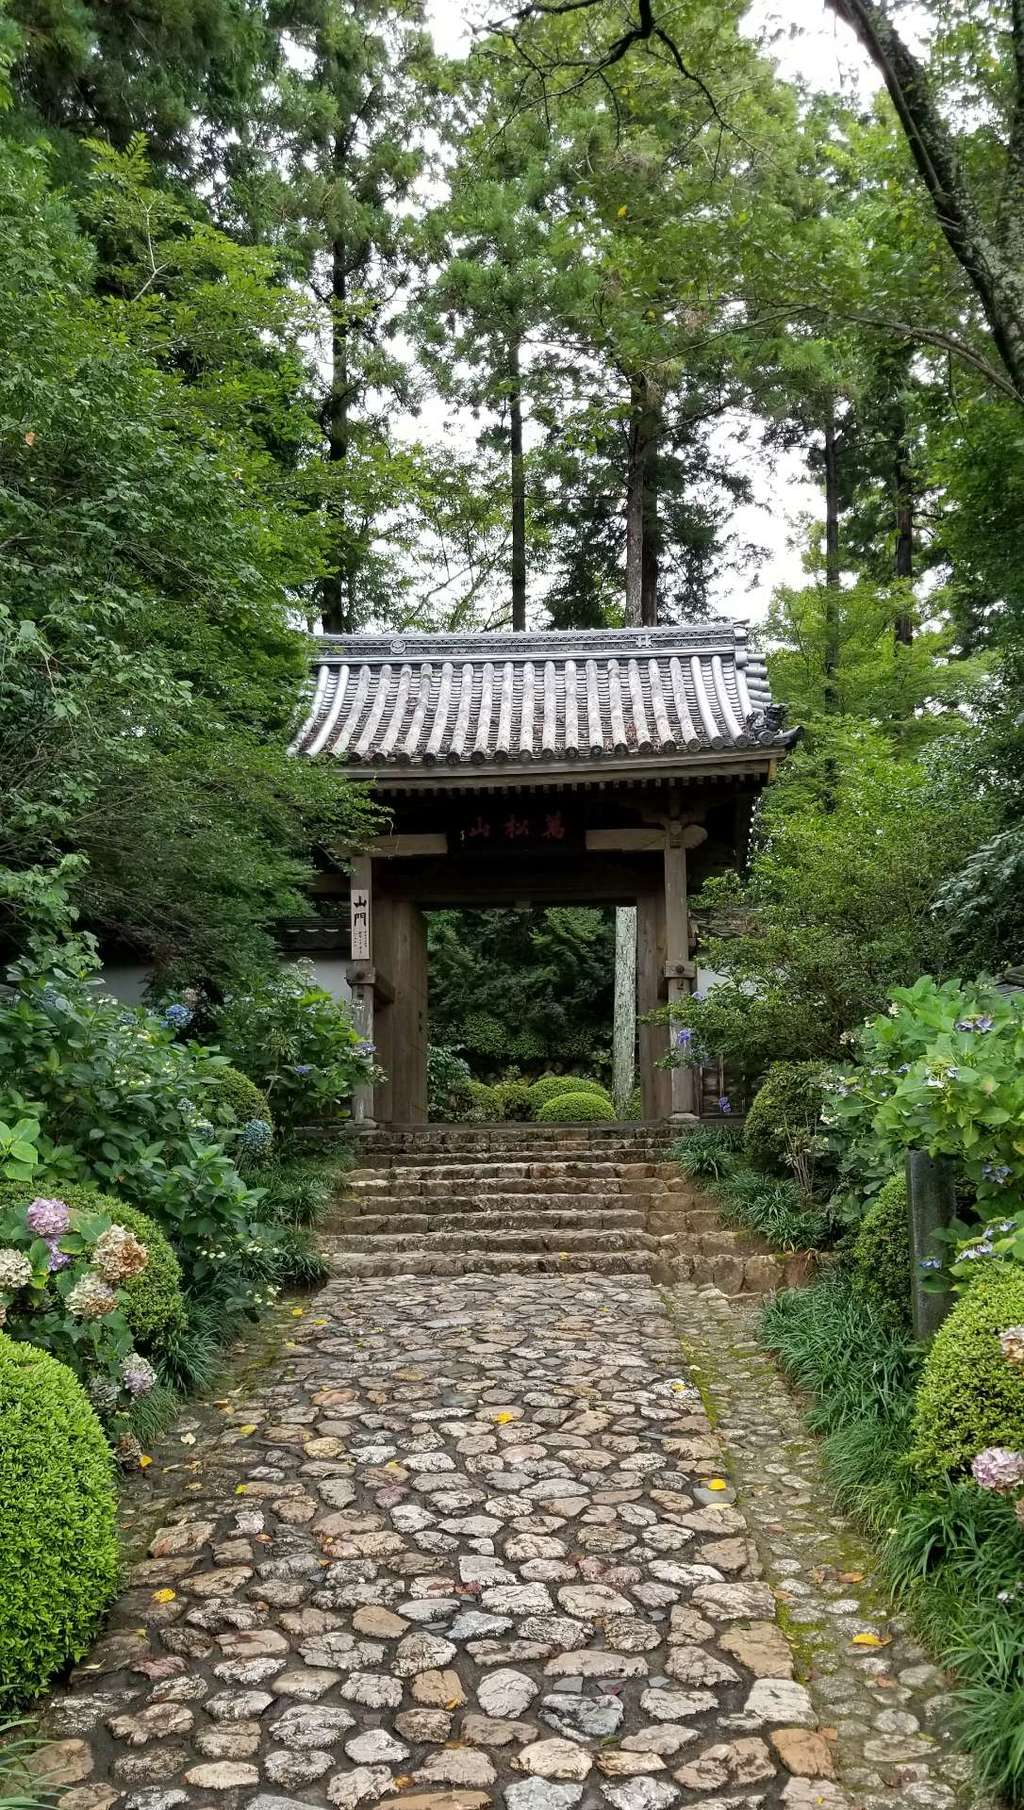 龍潭寺の山門